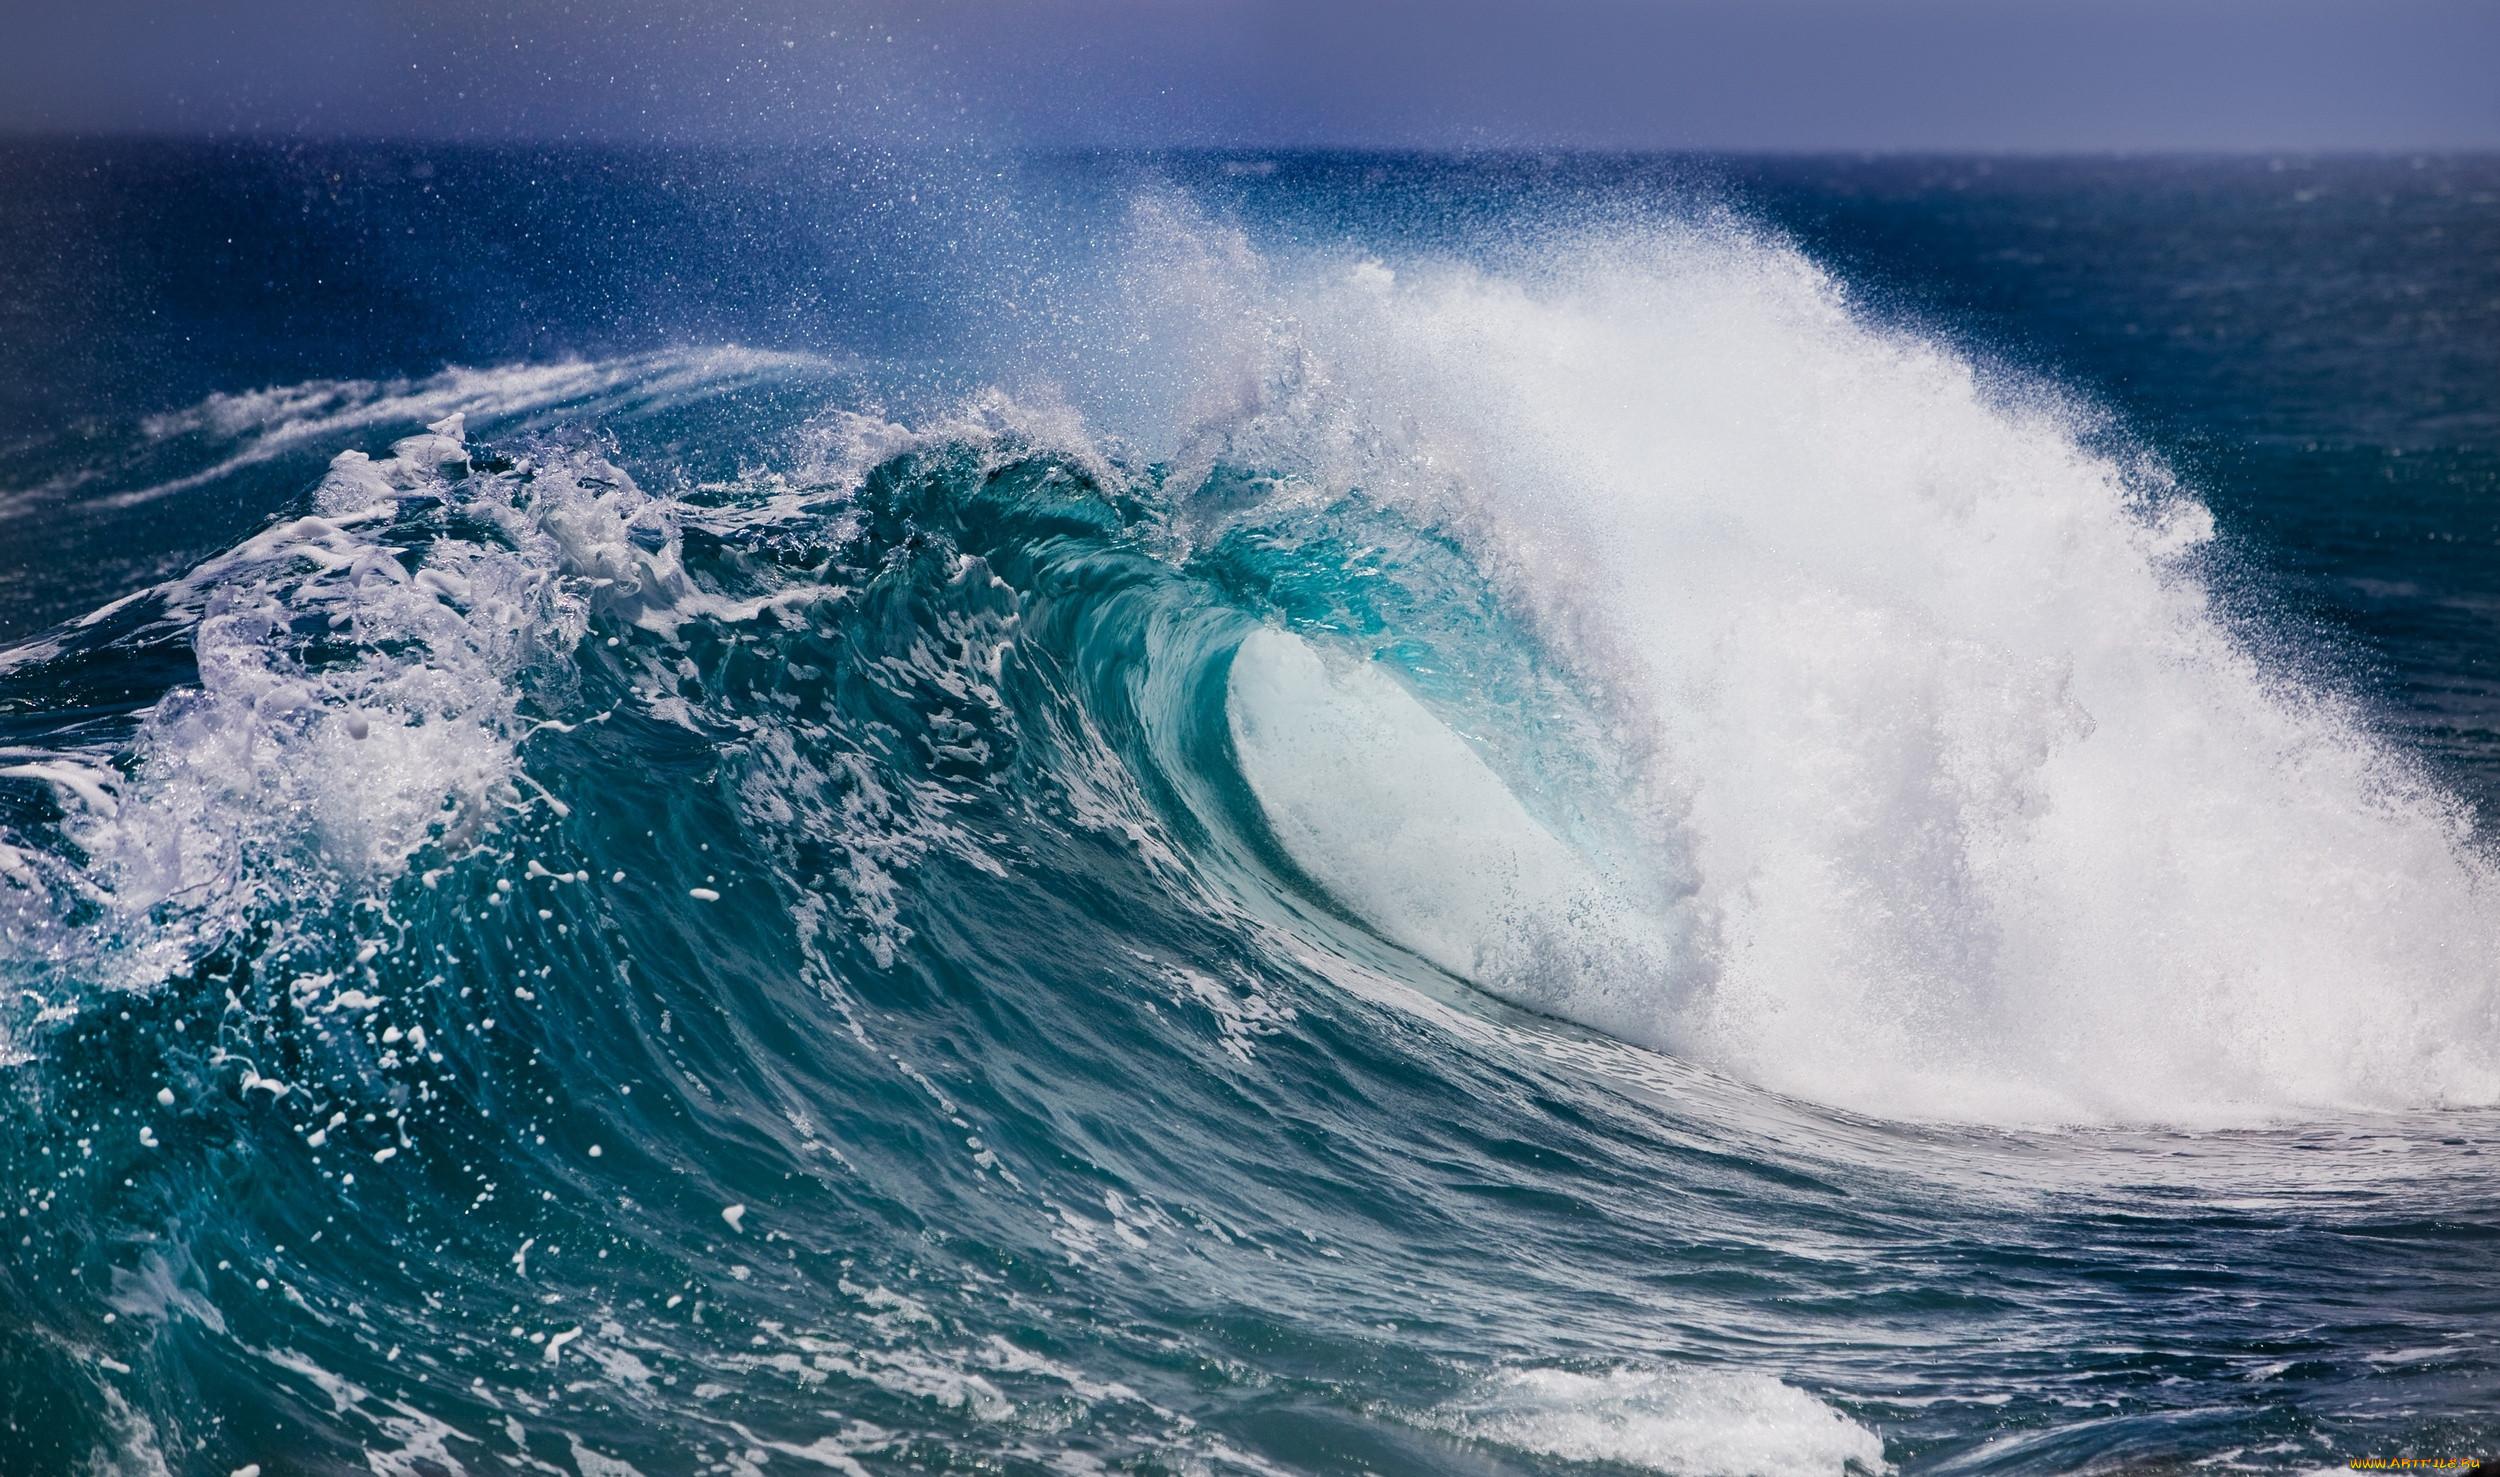 этой море и волны фото в хорошем качестве чем